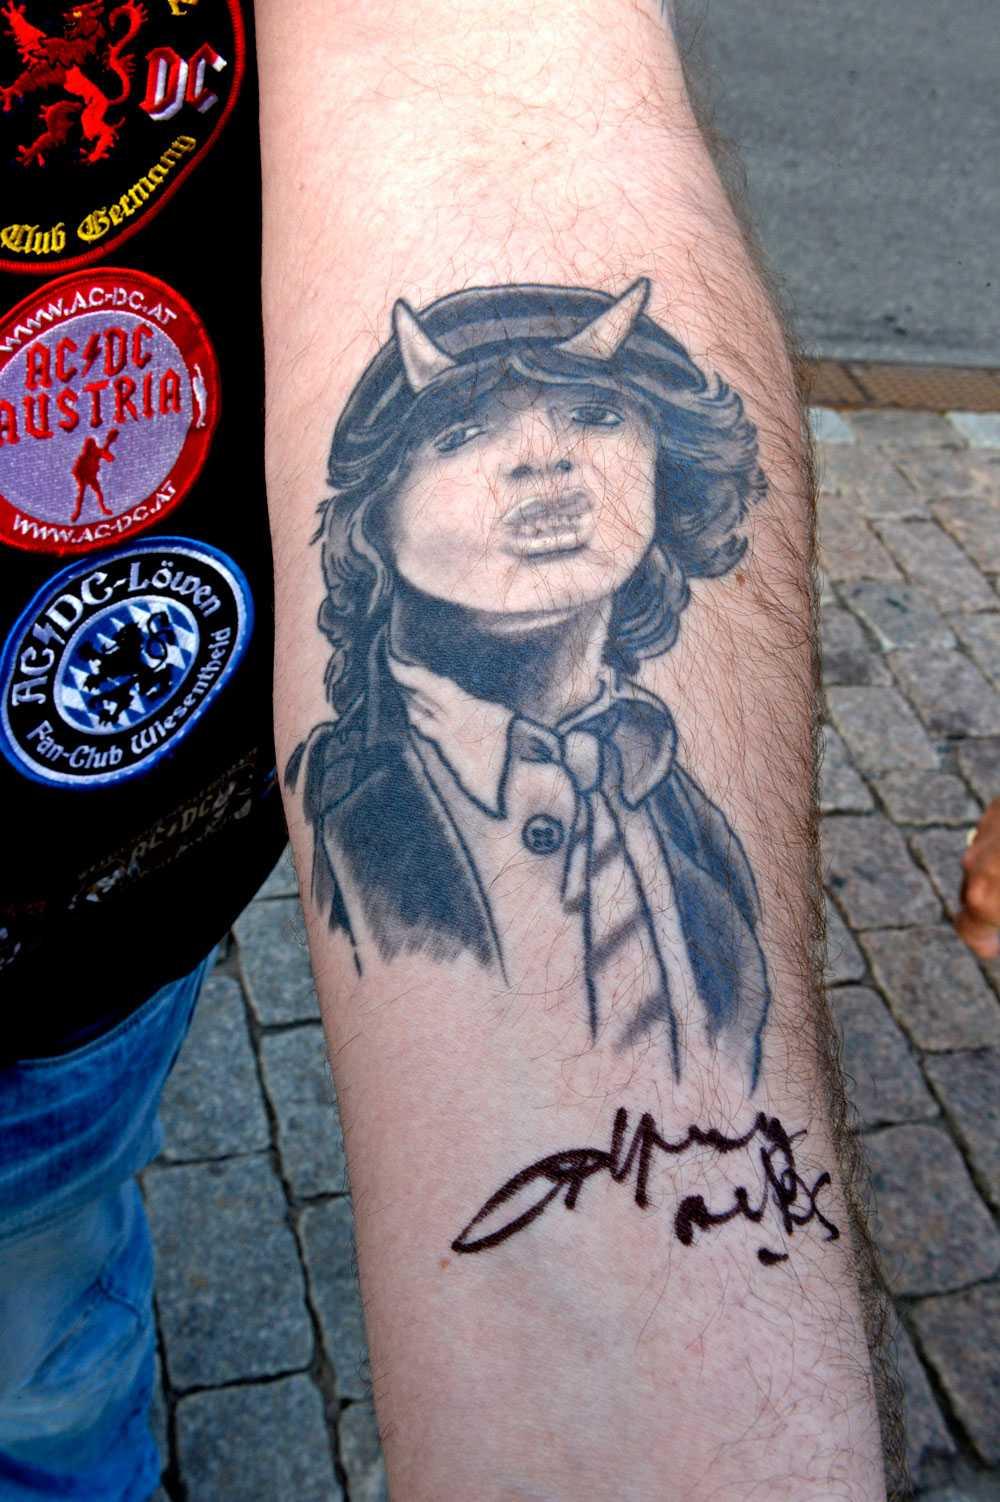 Henk från Bergen fick en autograf av Angus Young på armen. Nu ska han få autografen tatuerad.